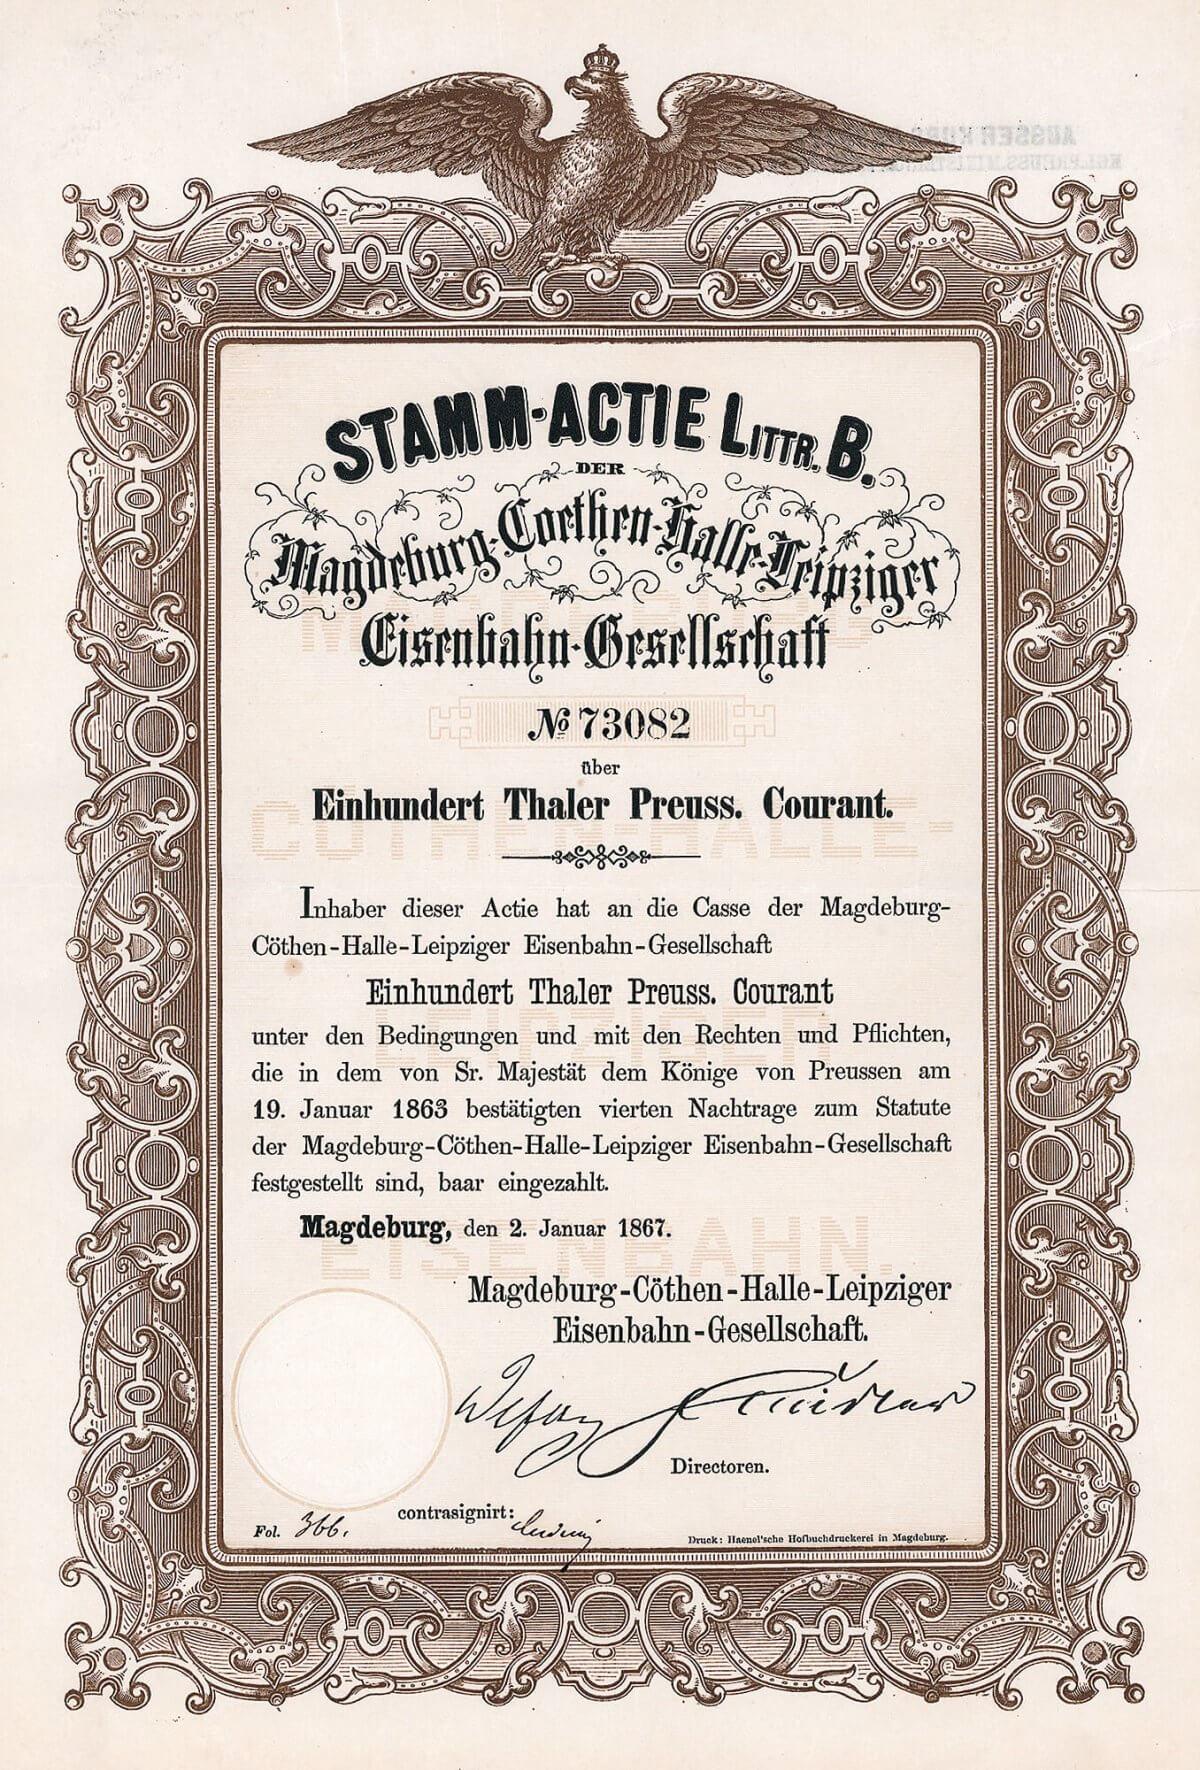 Magdeburg-Coethen-Halle-Leipziger Eisenbahn, Aktie von 1867. Mit einer aus dem Jahr 1837 datierenden Konzession eine der ältesten und erfolgreichsten deutschen Fernbahnen.